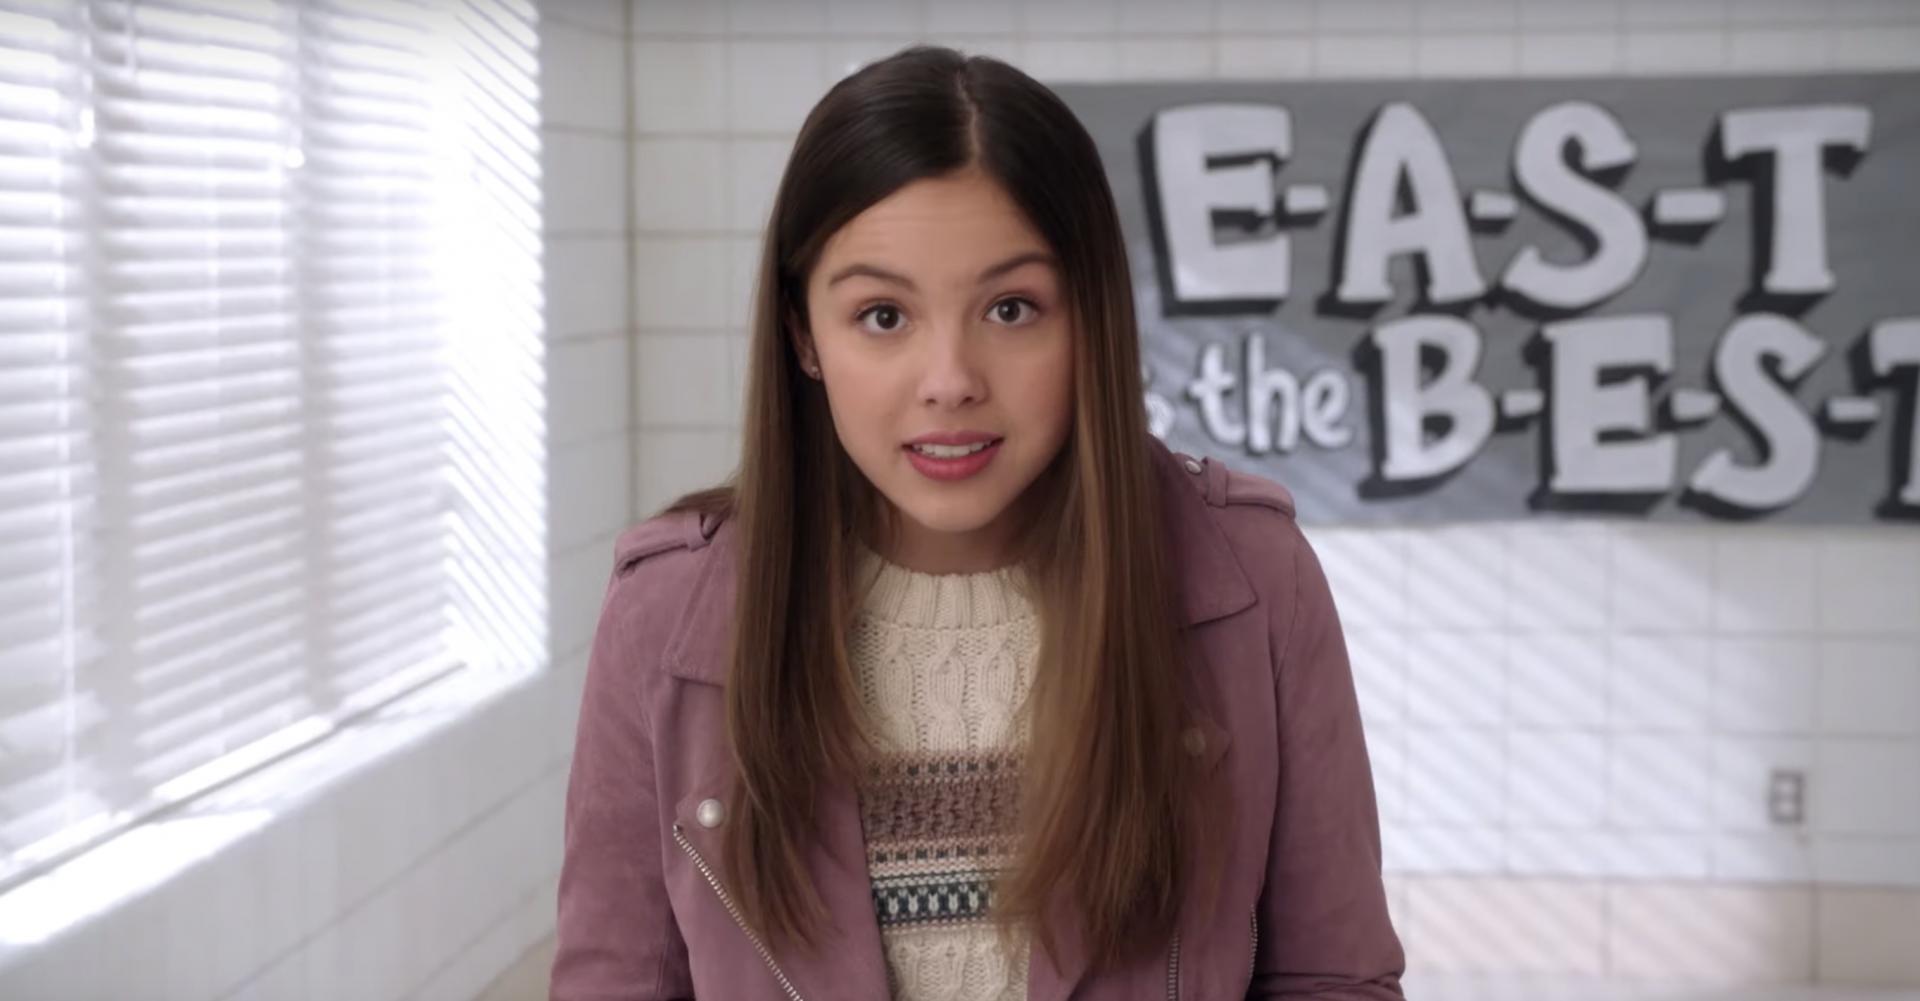 Cena da série High School Musical: The Musical: The Series. Nini é uma jovem de ascendência asiática, de pele clara e cabelos pretos. Ela está com uma expressão incrédula, olhando diretamente para a câmera. Ela veste uma jaqueta lilás e atrás dela vemos um cartaz desfocado.